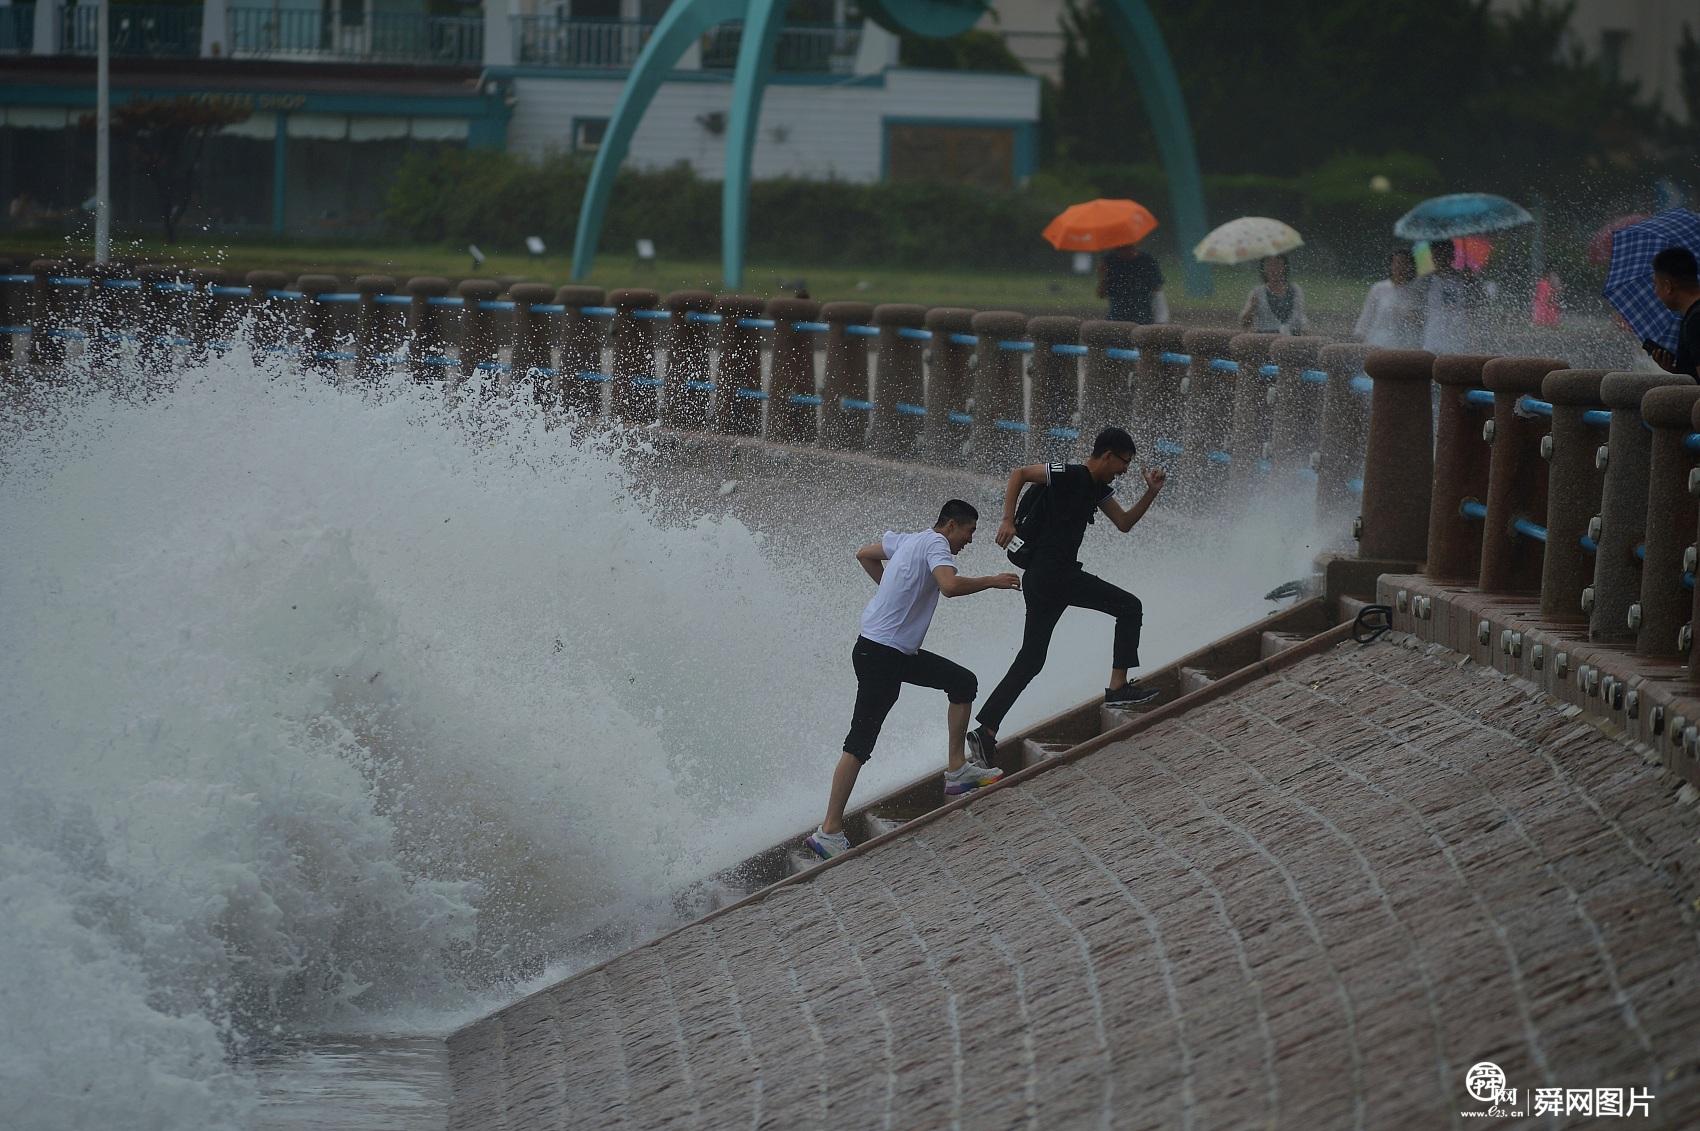 受台风影响青岛沿海现大潮 游客冒险观潮戏浪